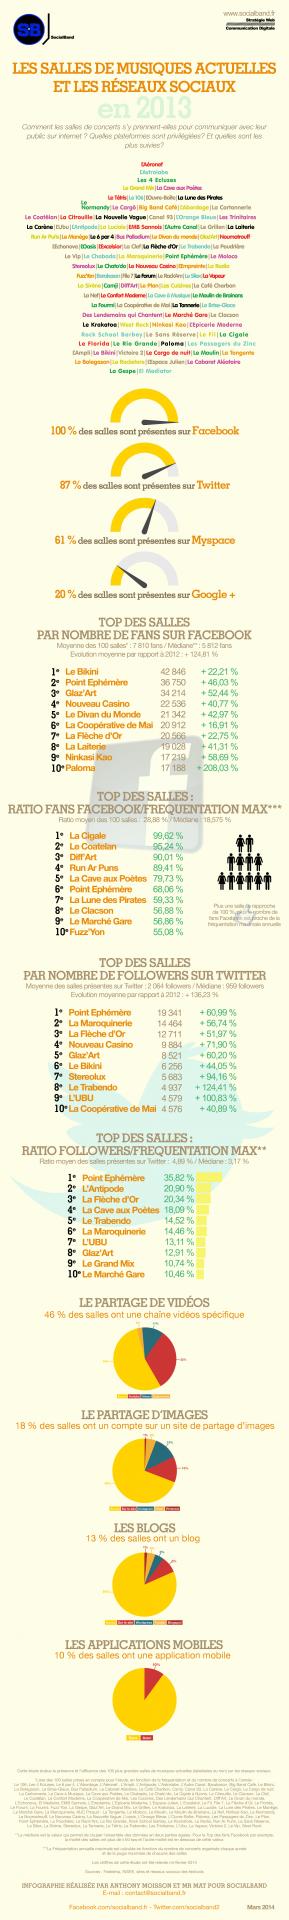 infographie_salles_et_reseaux_sociaux_en2013